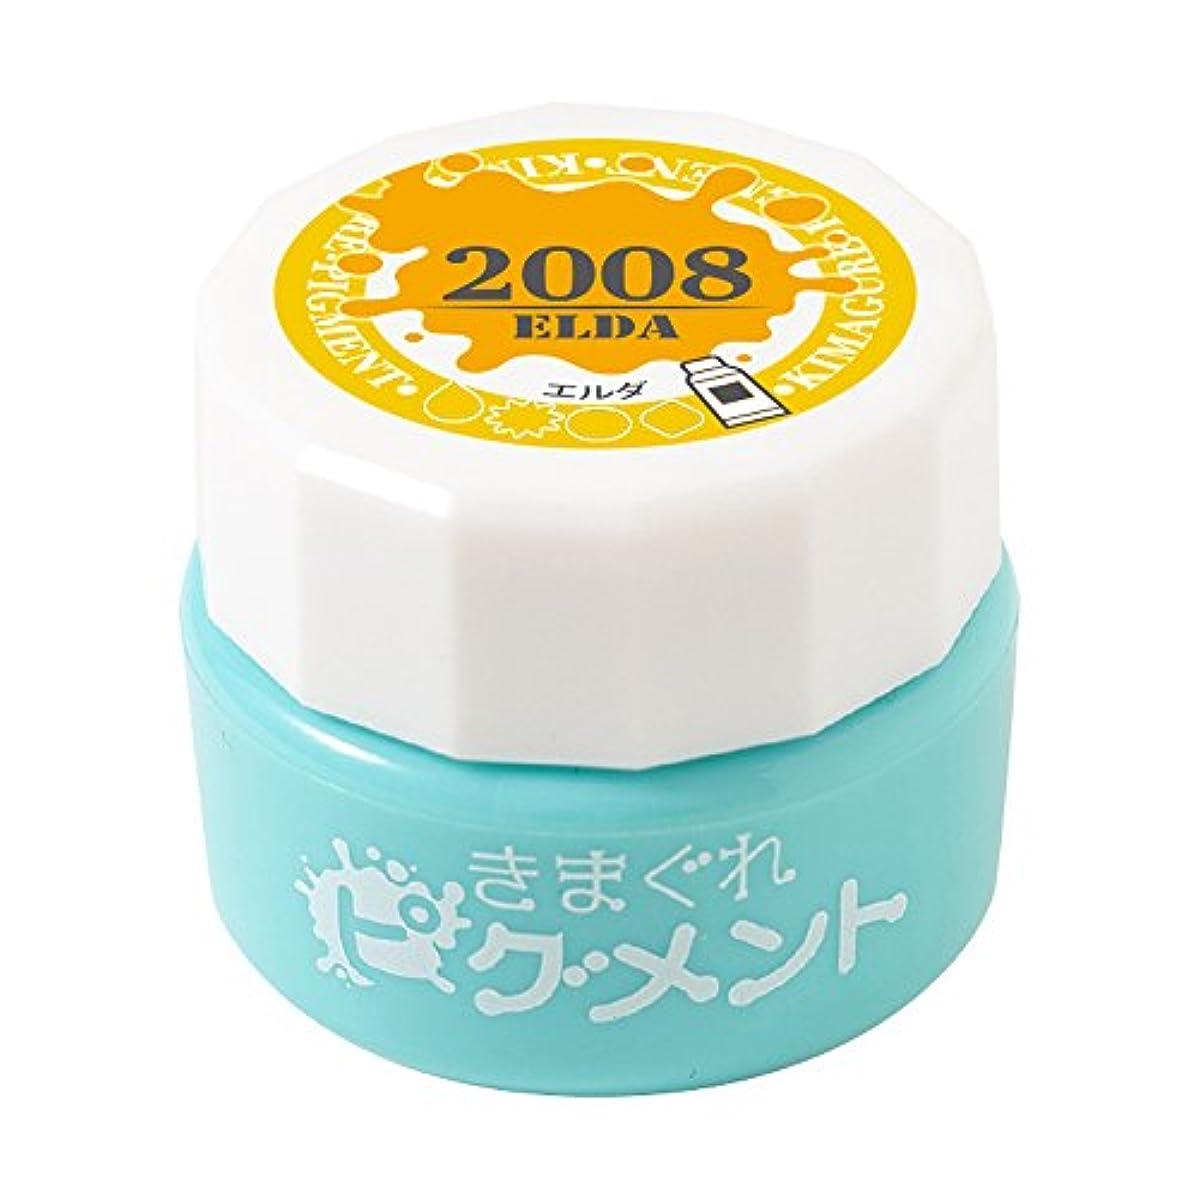 主婦ドナウ川誓約Bettygel きまぐれピグメント エルダ QYJ-2008 4g UV/LED対応